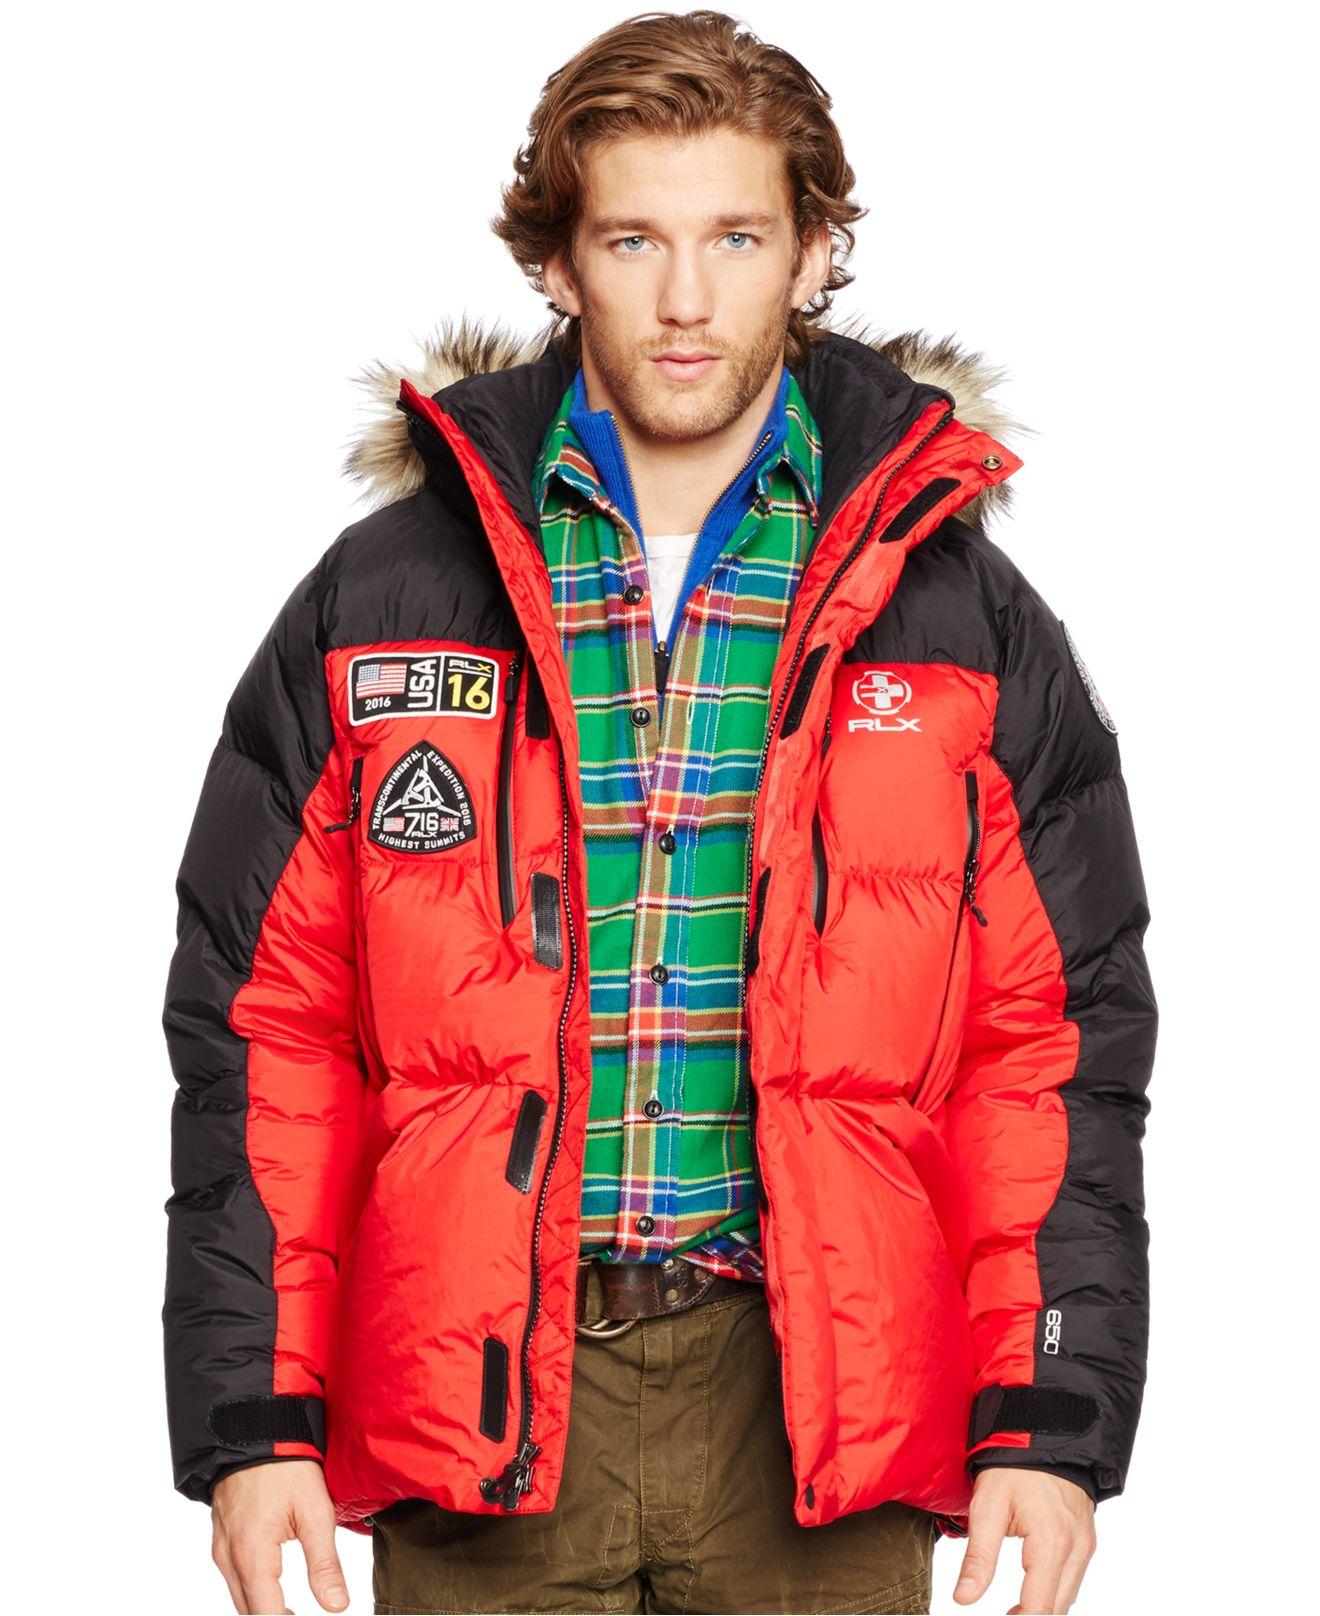 Marein Polo Ralph Lauren Rlx Expedition Down Jacket